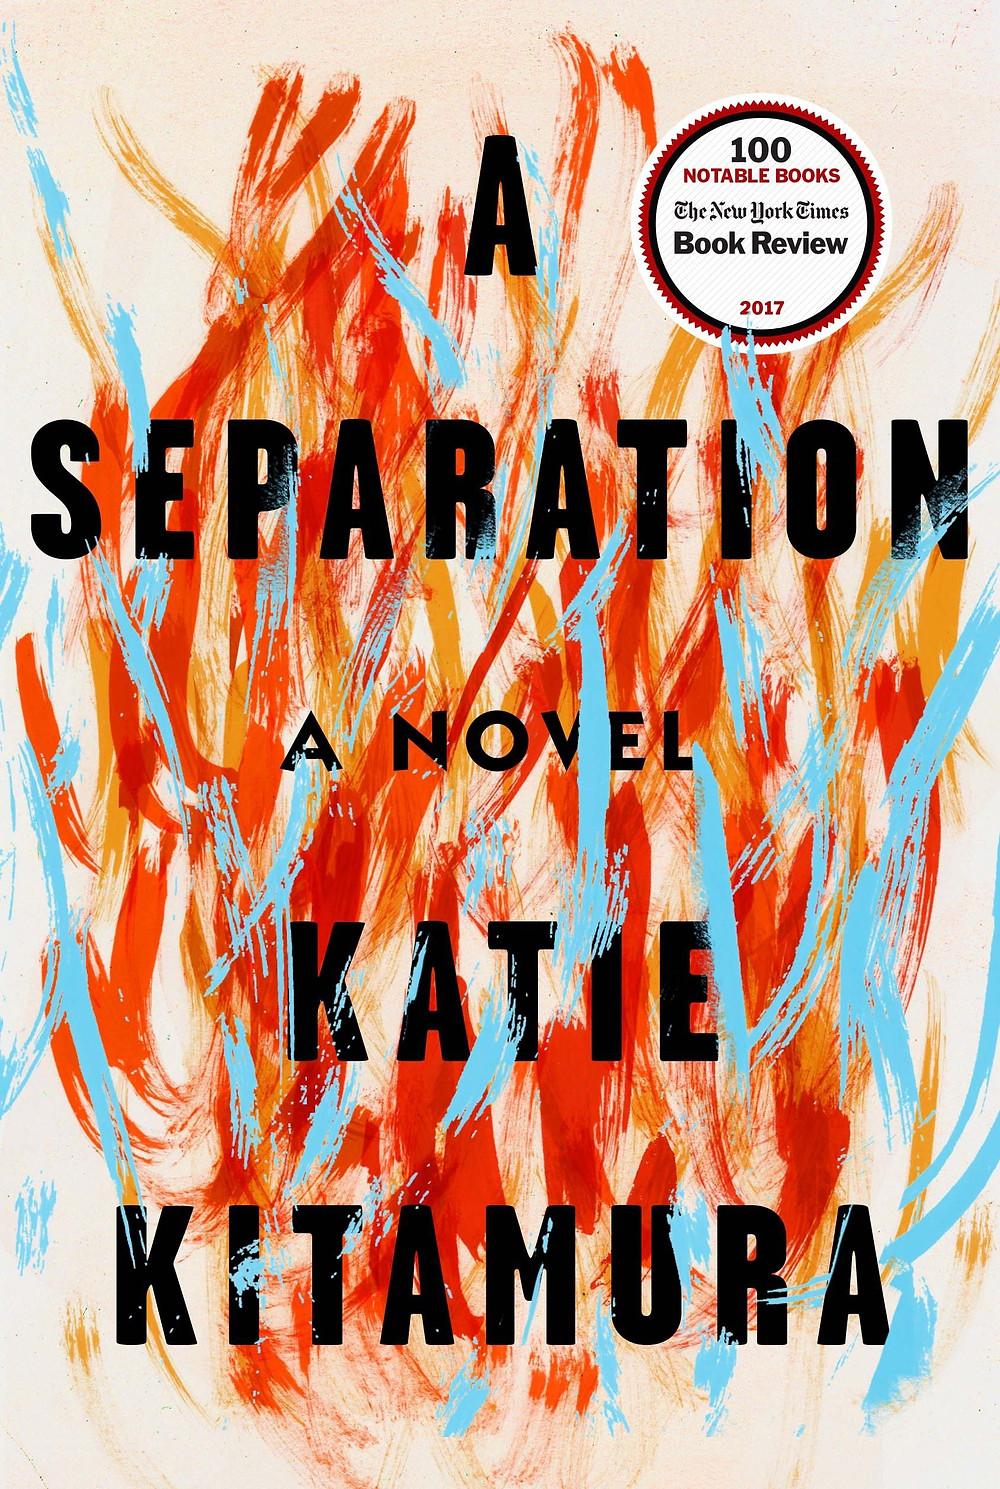 livro a separation, de katie kitamura